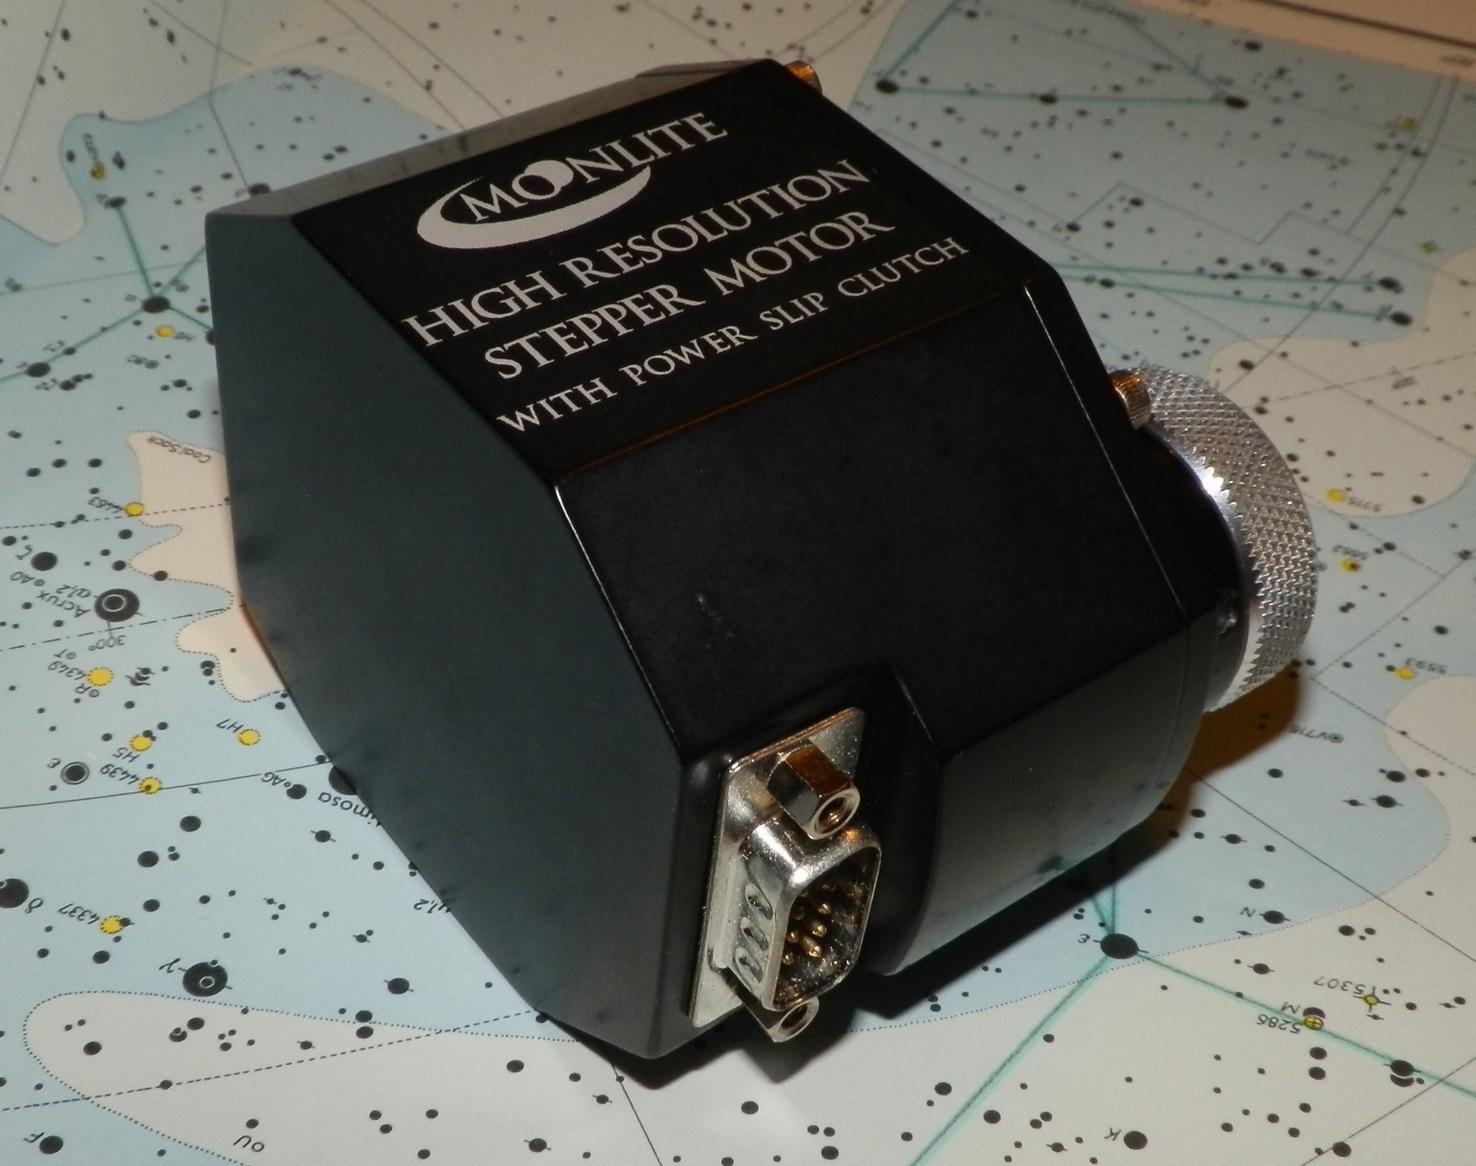 Moonlite high resolution stepper motor cn classifieds for High power stepper motor